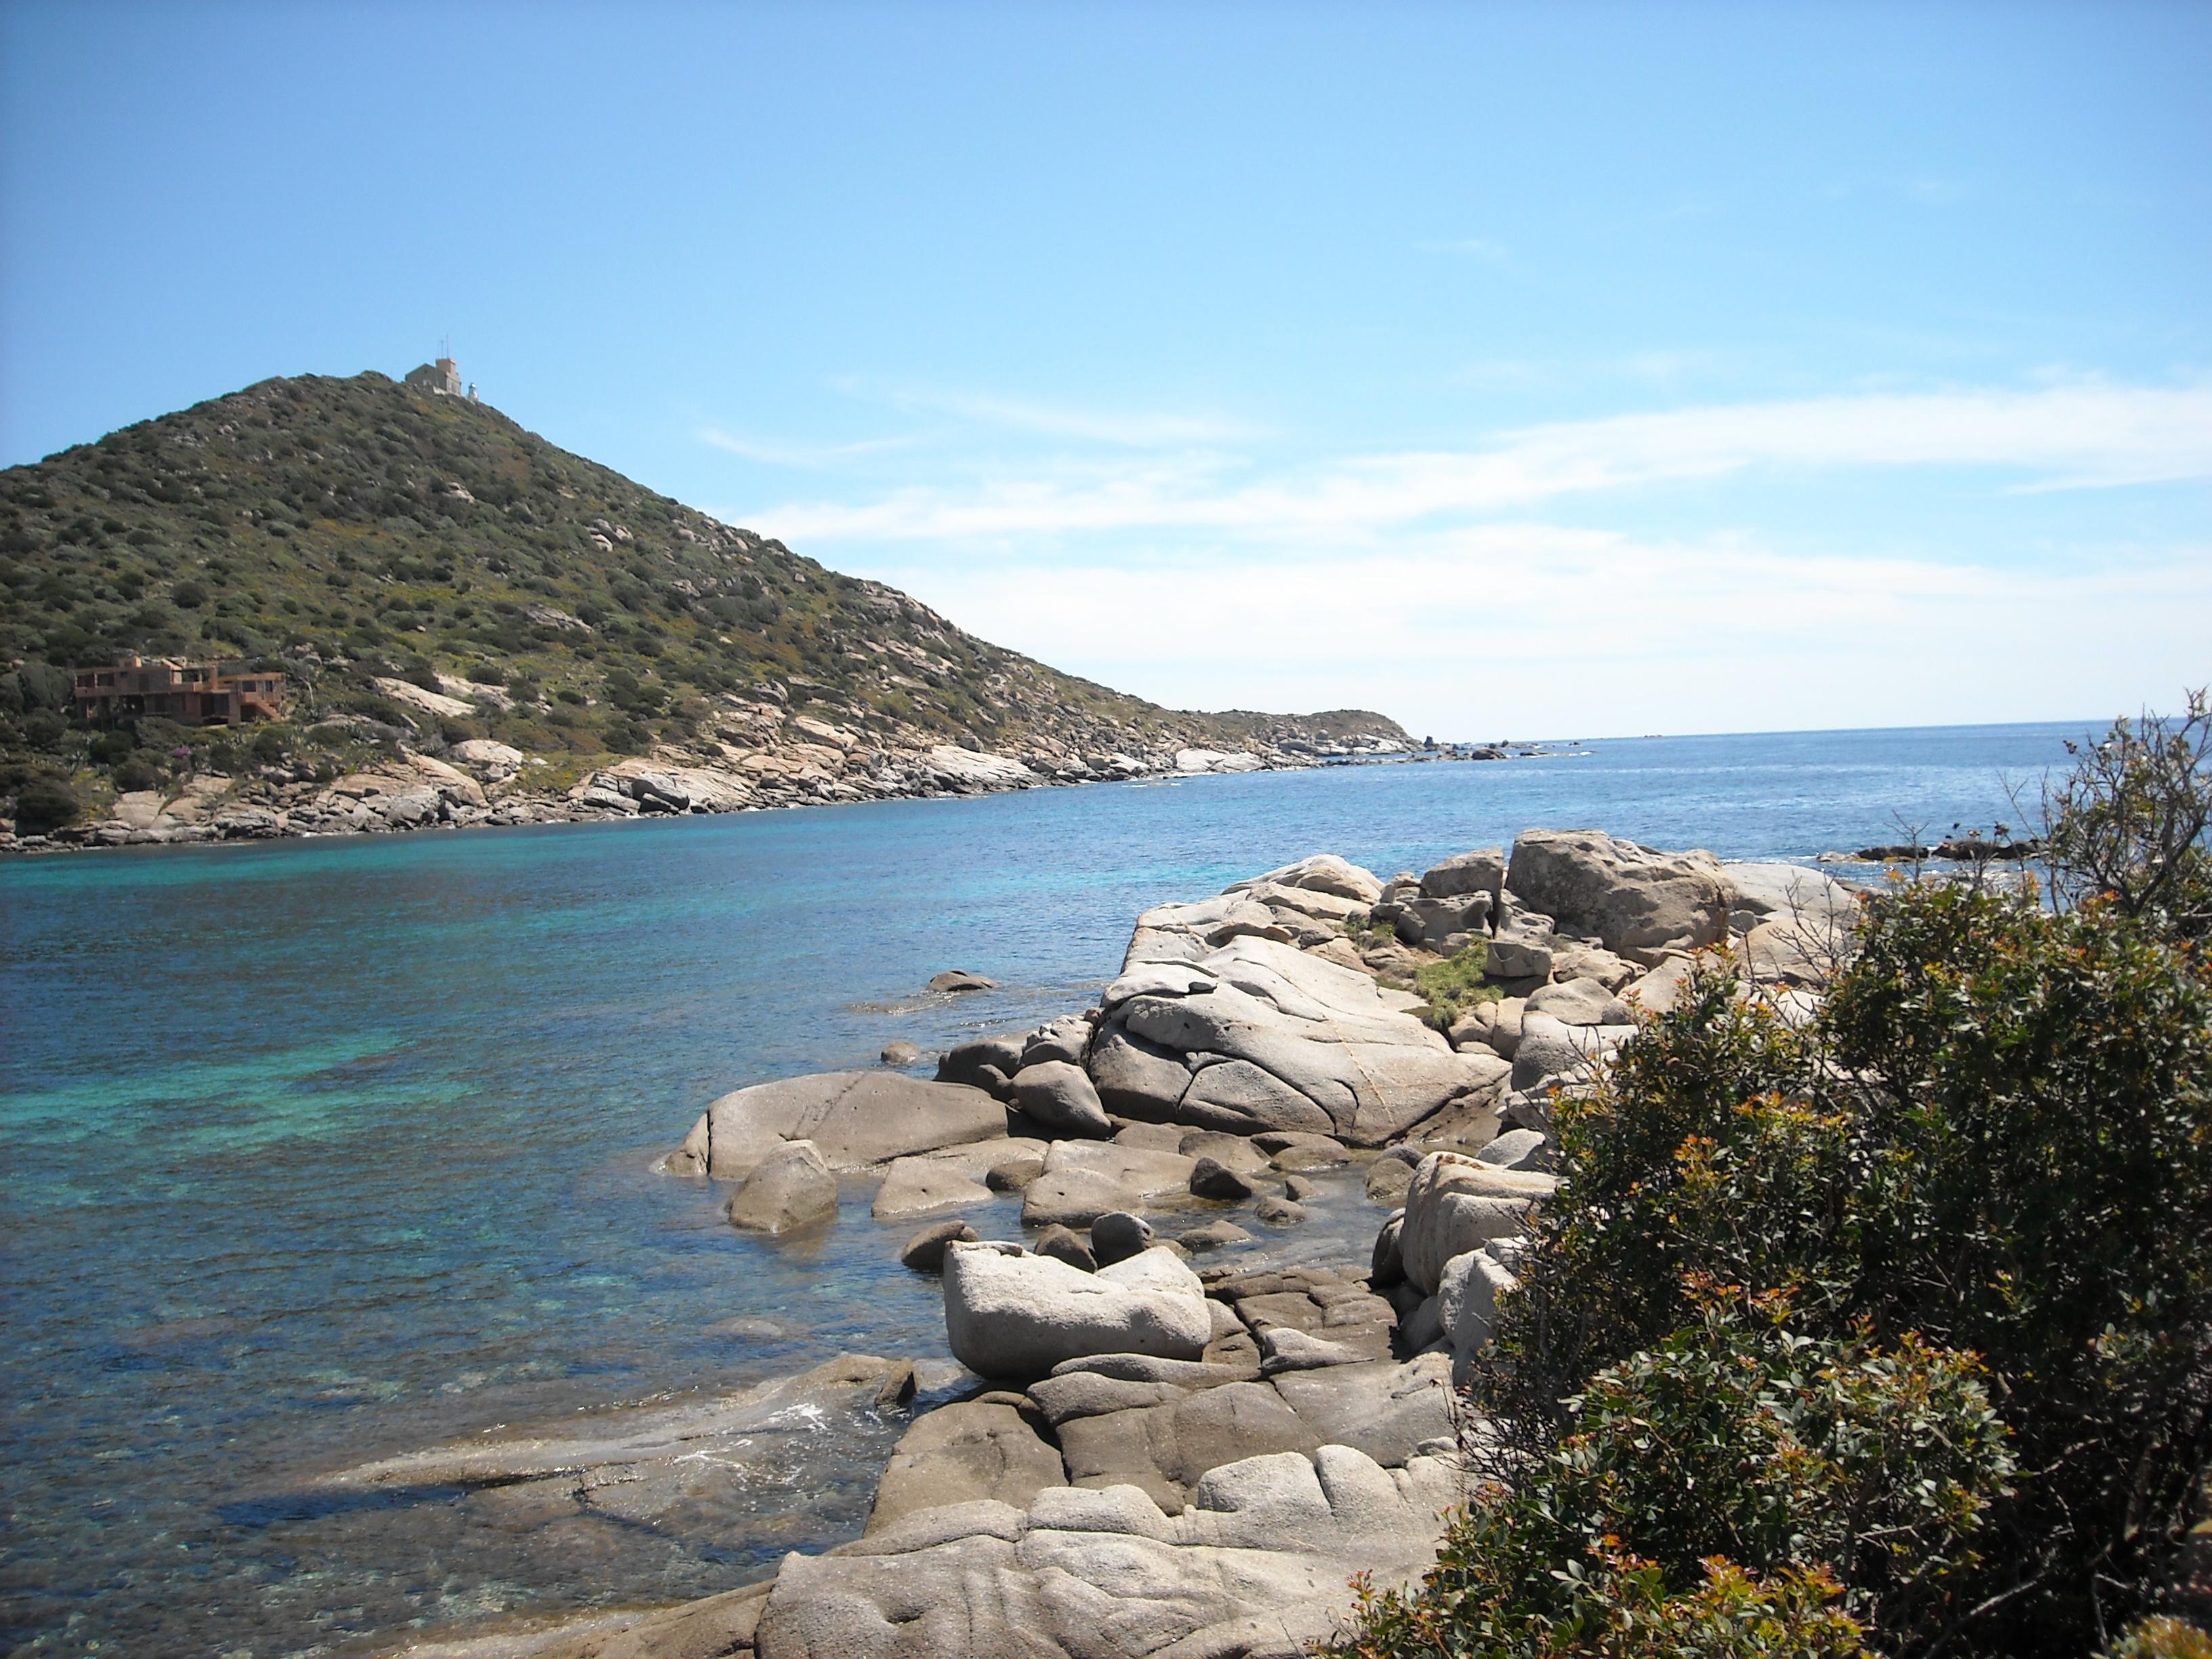 Noleggio Barche Capo Carbonara - Navalia | Noleggia un Sogno